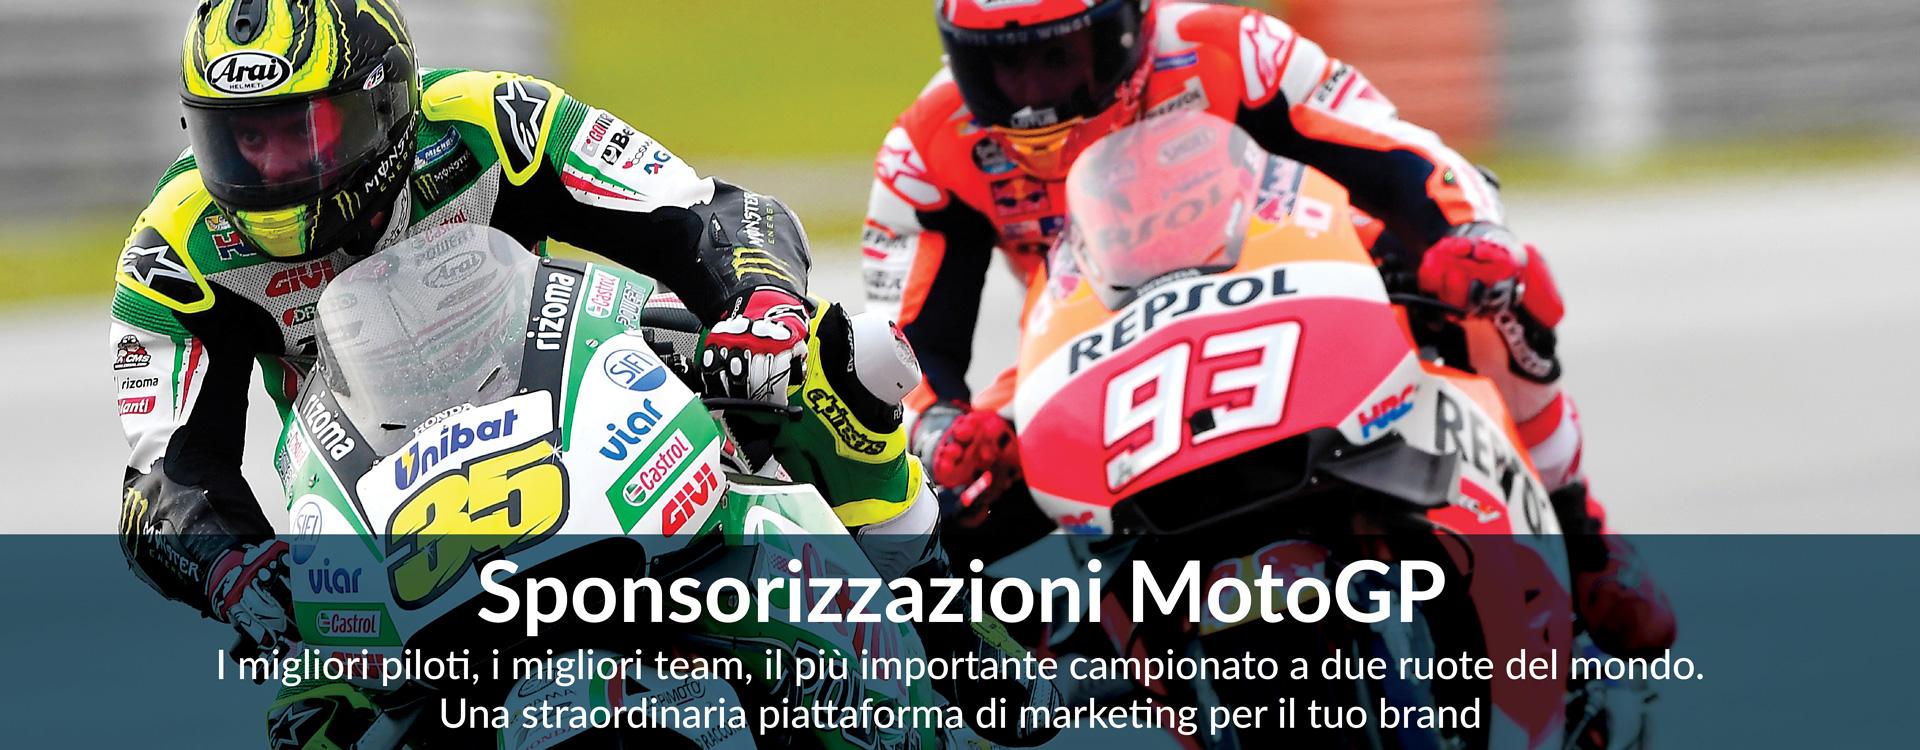 Sponsorizzazioni MotoGP